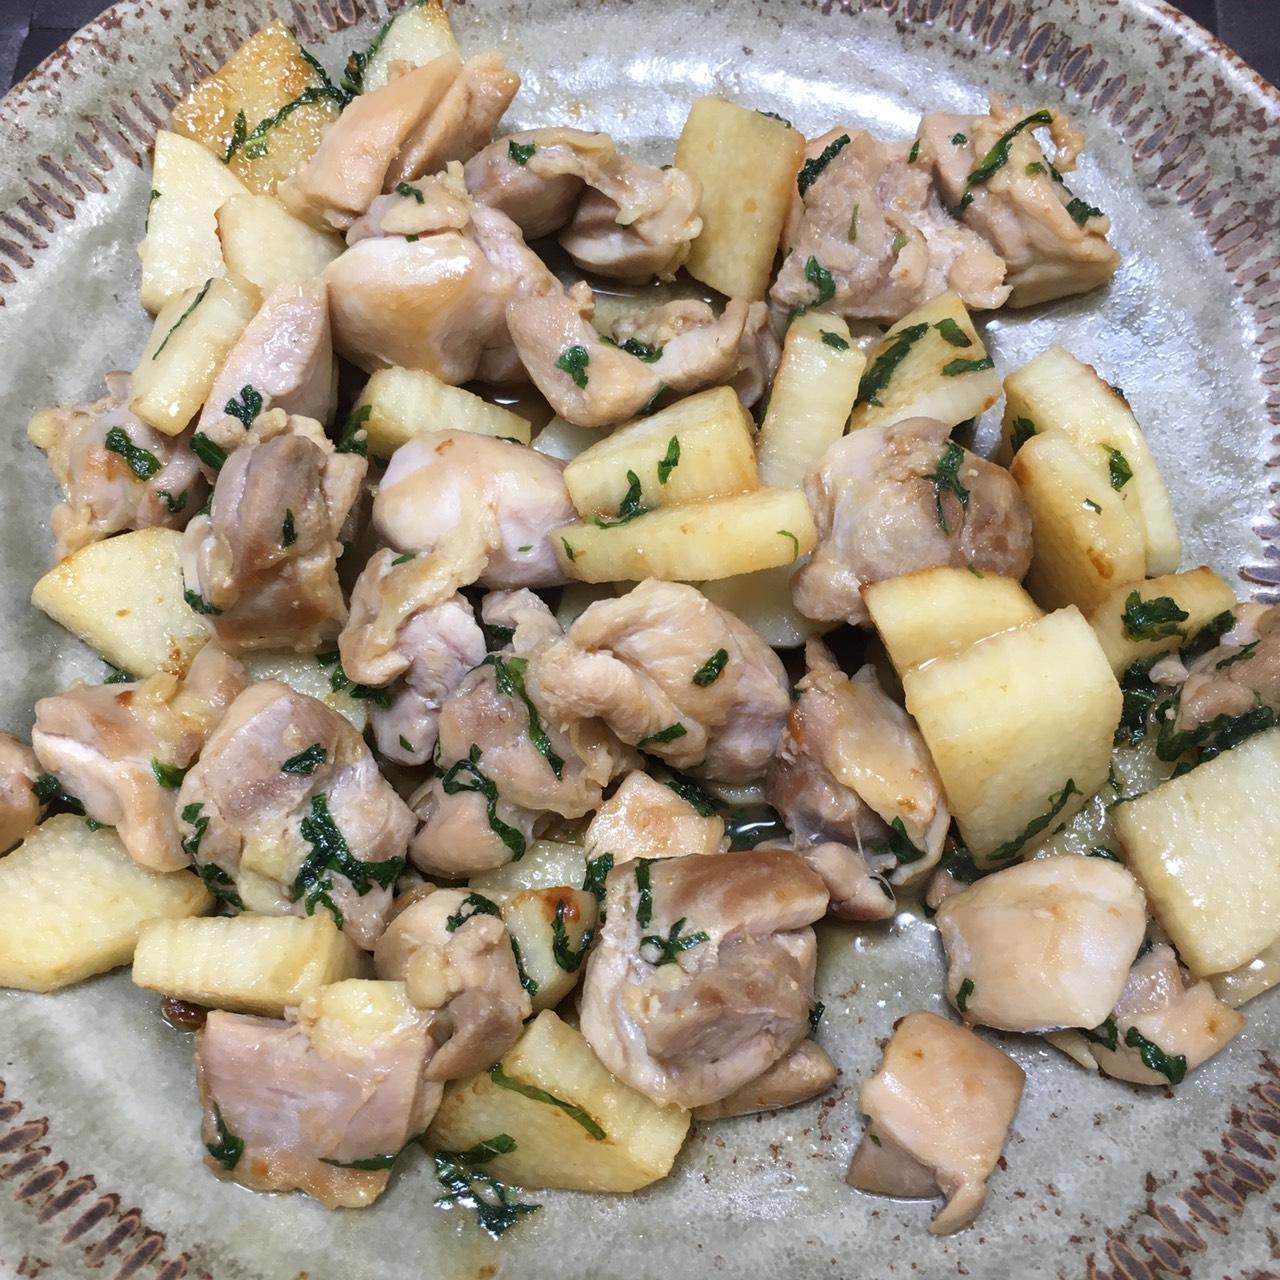 夏バテにぴったりな晩御飯のレシピ